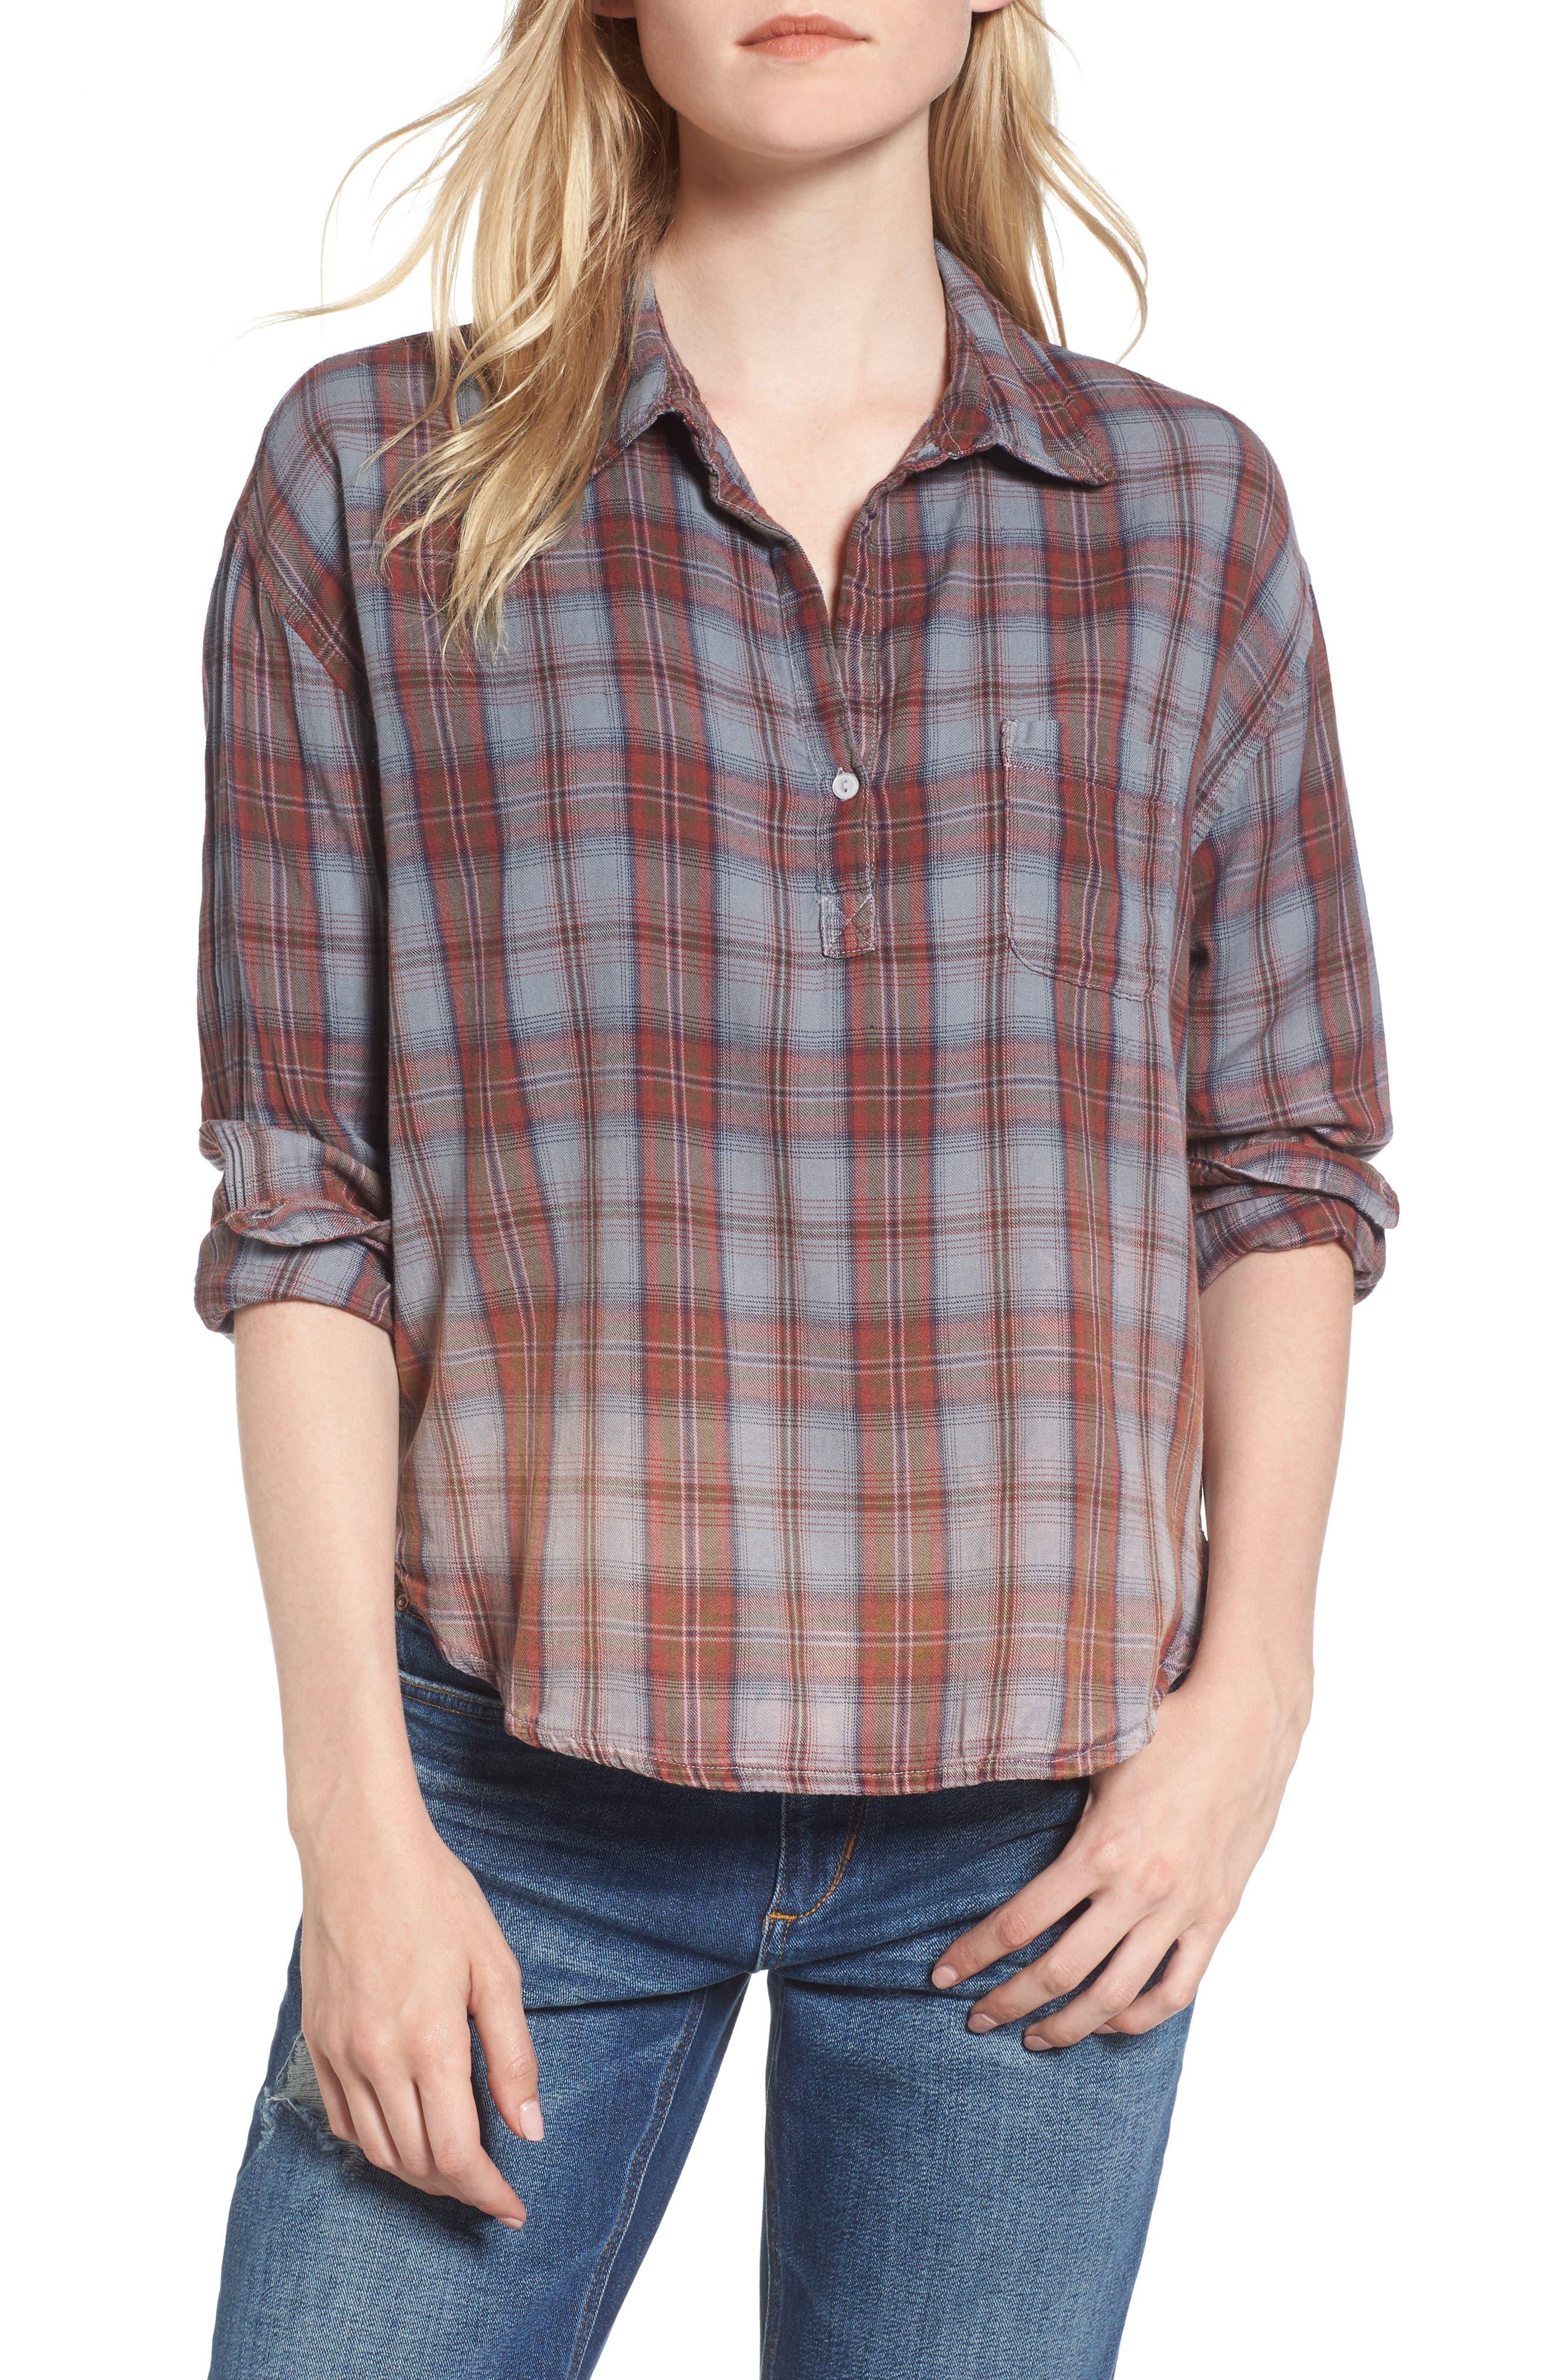 Main Image - Sundry Plaid Pocket Shirt